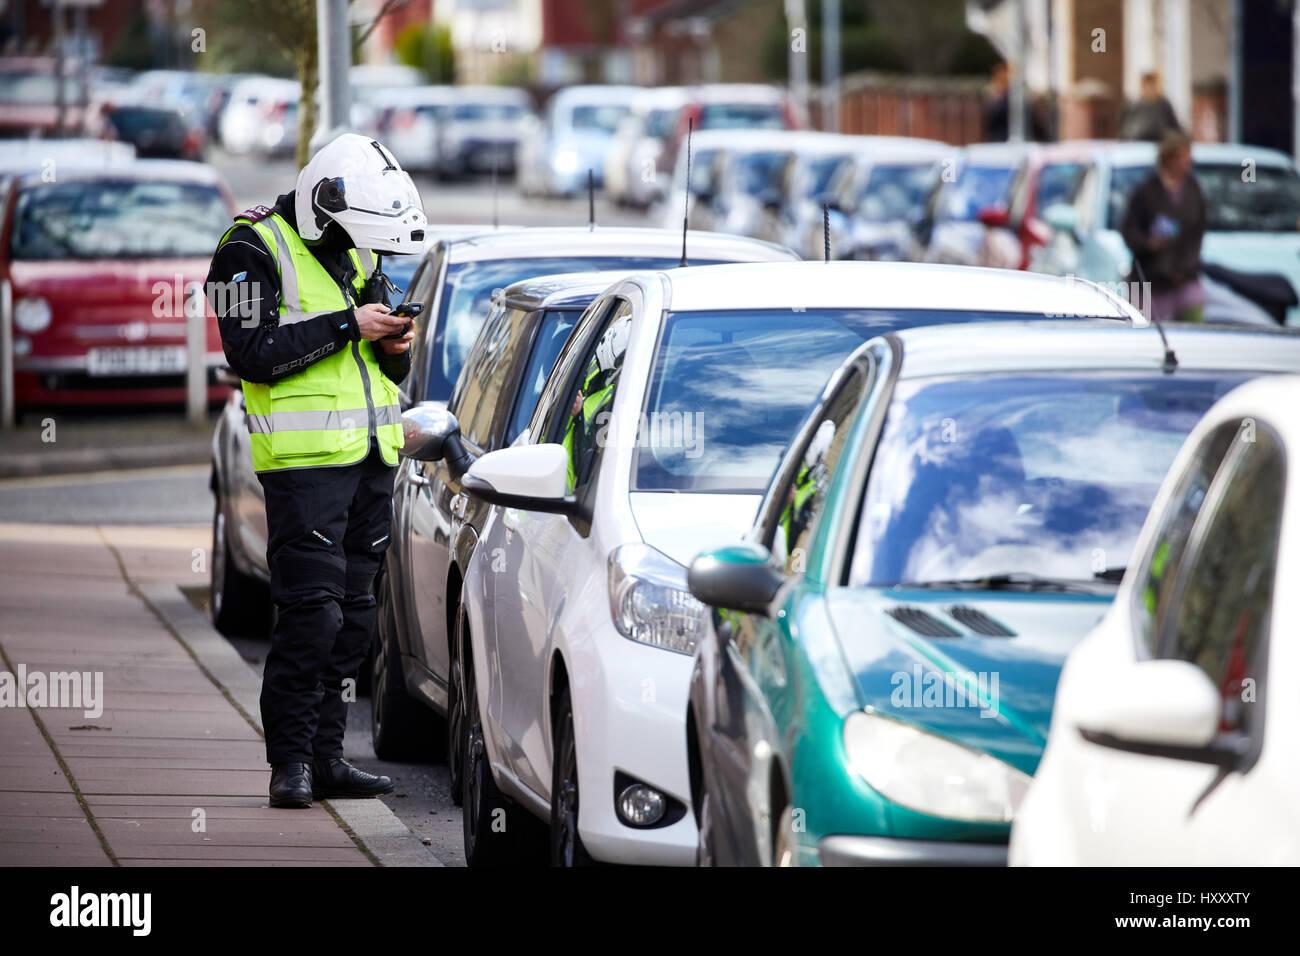 Parcheggio uffici di esecuzione in moto il controllo di marcia il parcheggio su strada in Hulme, Manchester, Inghilterra, Immagini Stock